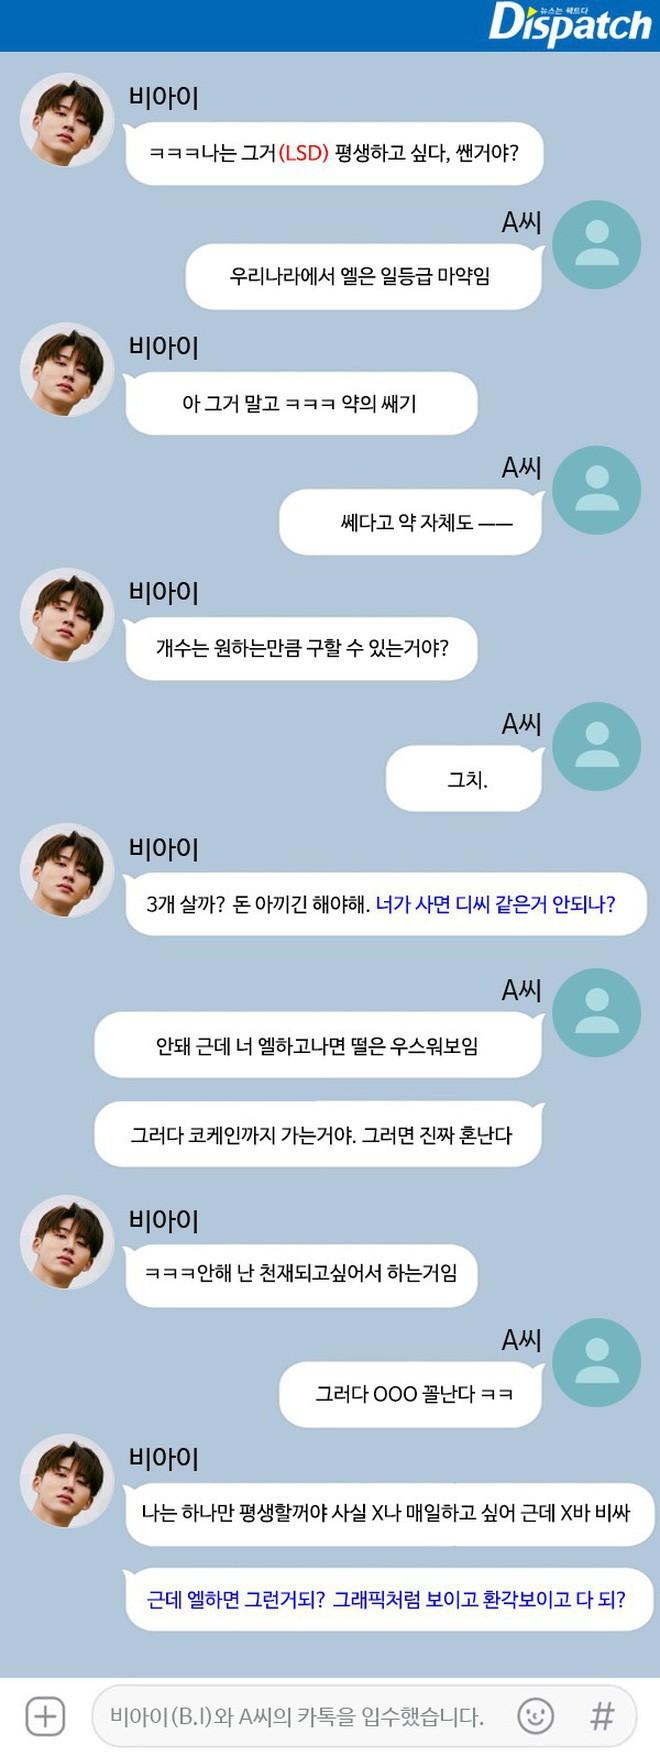 Truyền thông Hàn crush nặng YG: Cứ gà nhà YG có hoạt động, cổ phiếu tăng lên được một chút là y như rằng tặng ngay phốt mới - ảnh 6